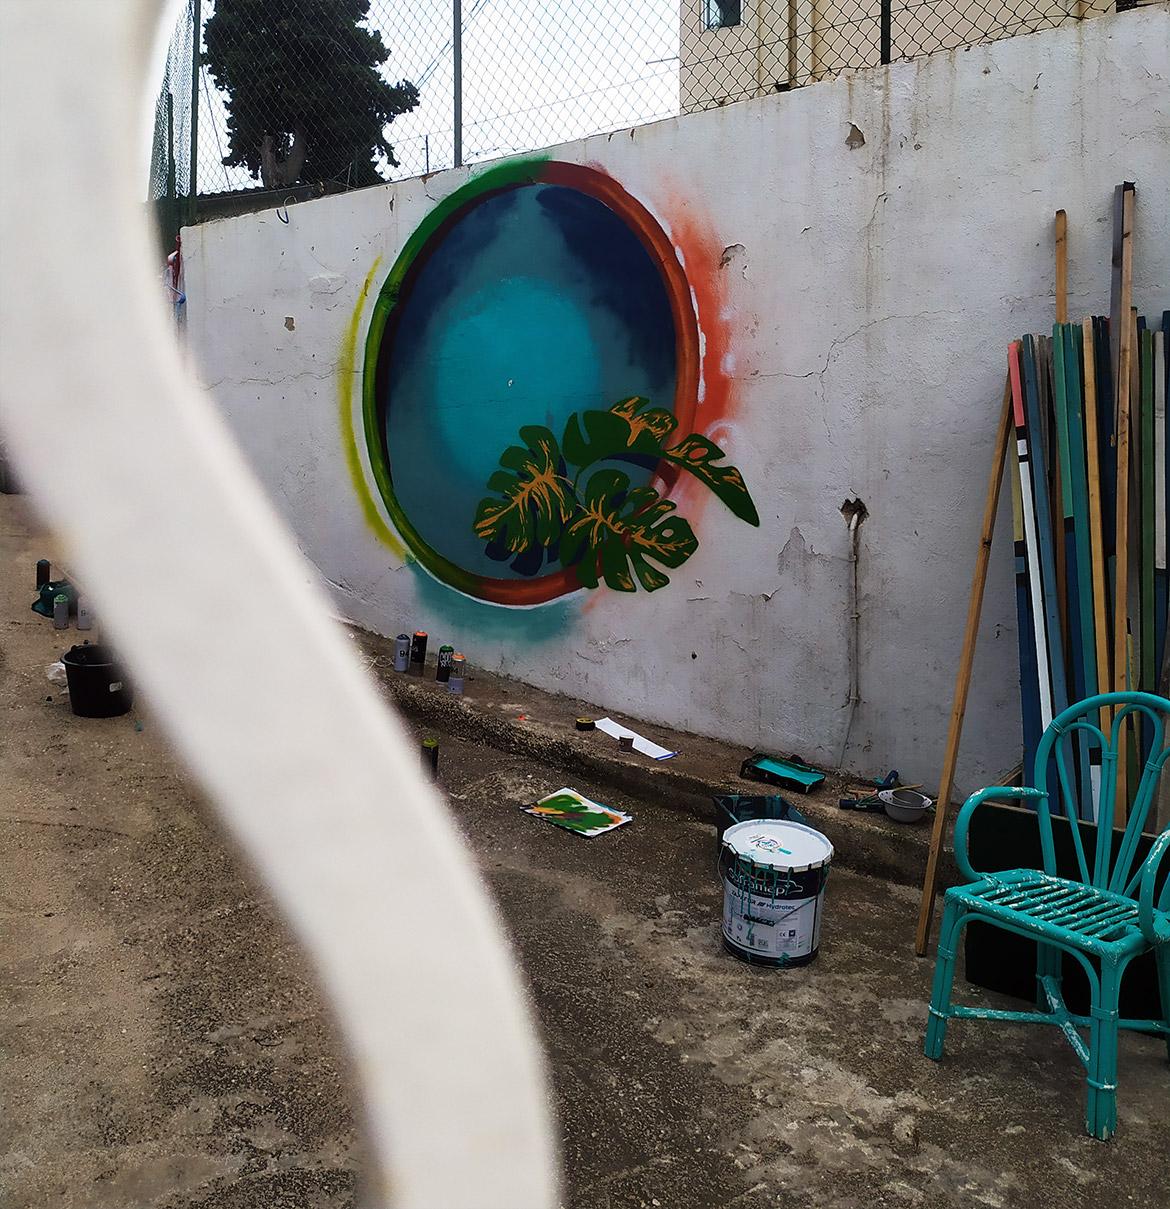 Décoration végétale en cours en street art par Enkage